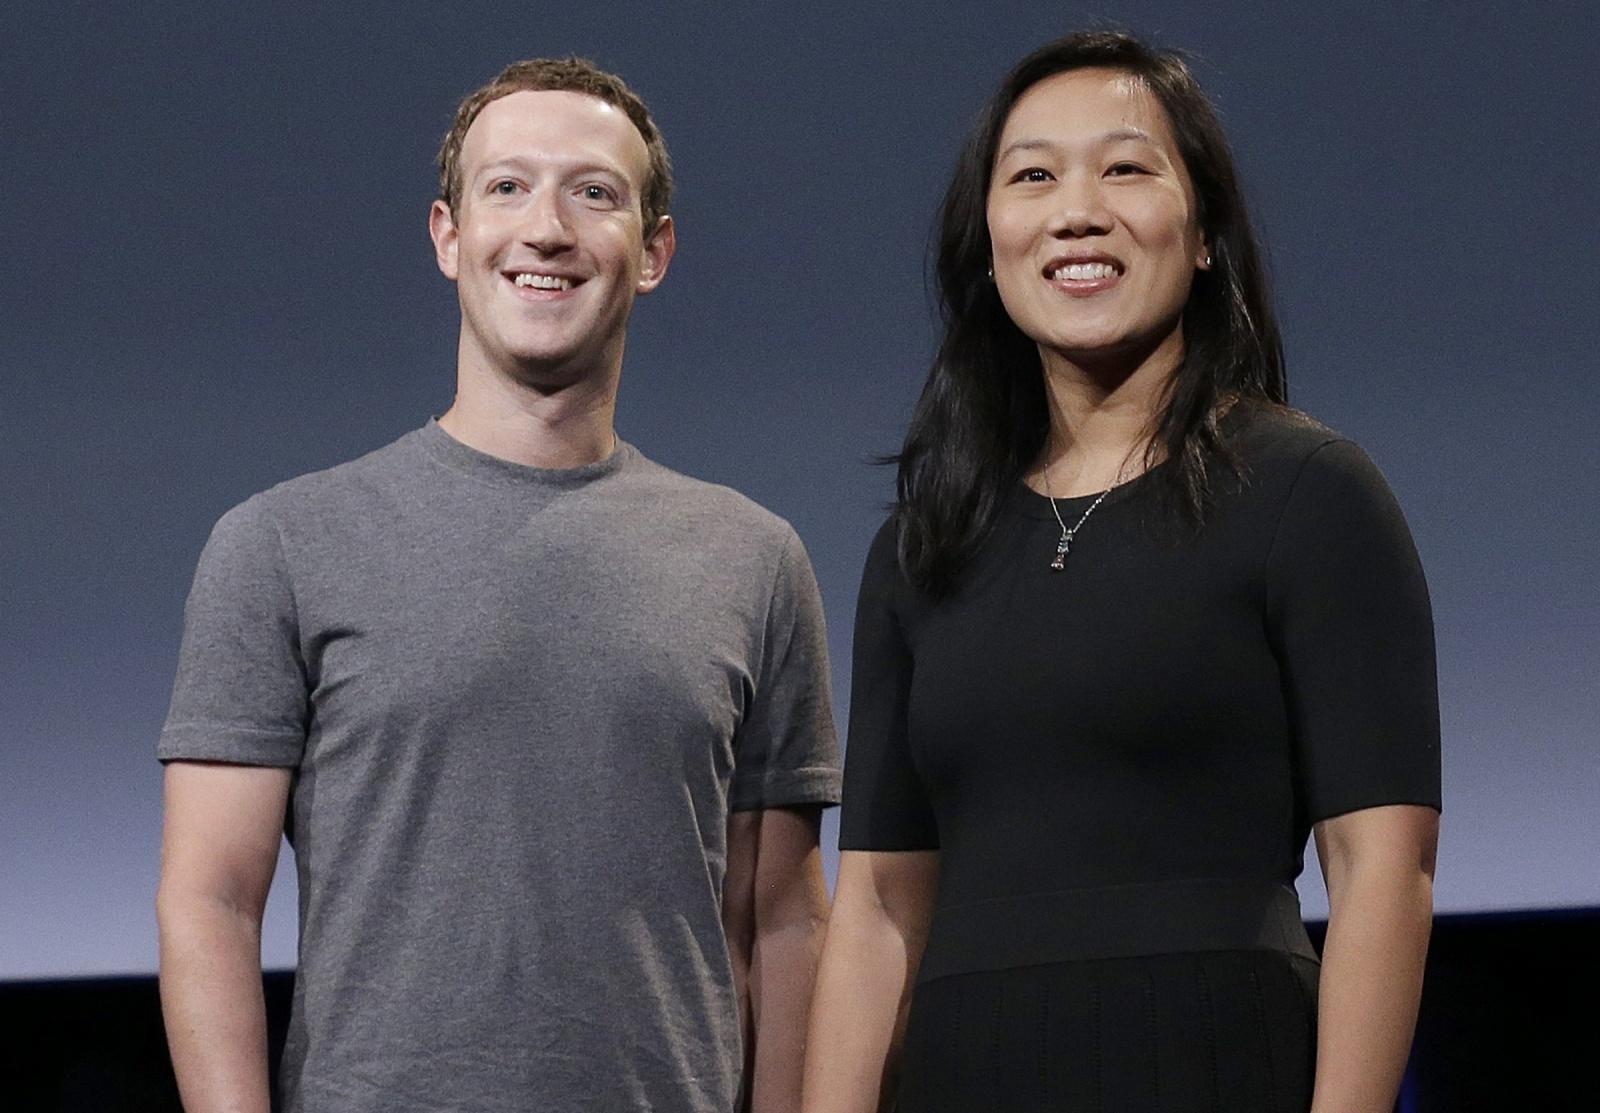 Цукерберг с женой пожертвуют $3 млрд, чтобы искоренить болезни к концу века - 2